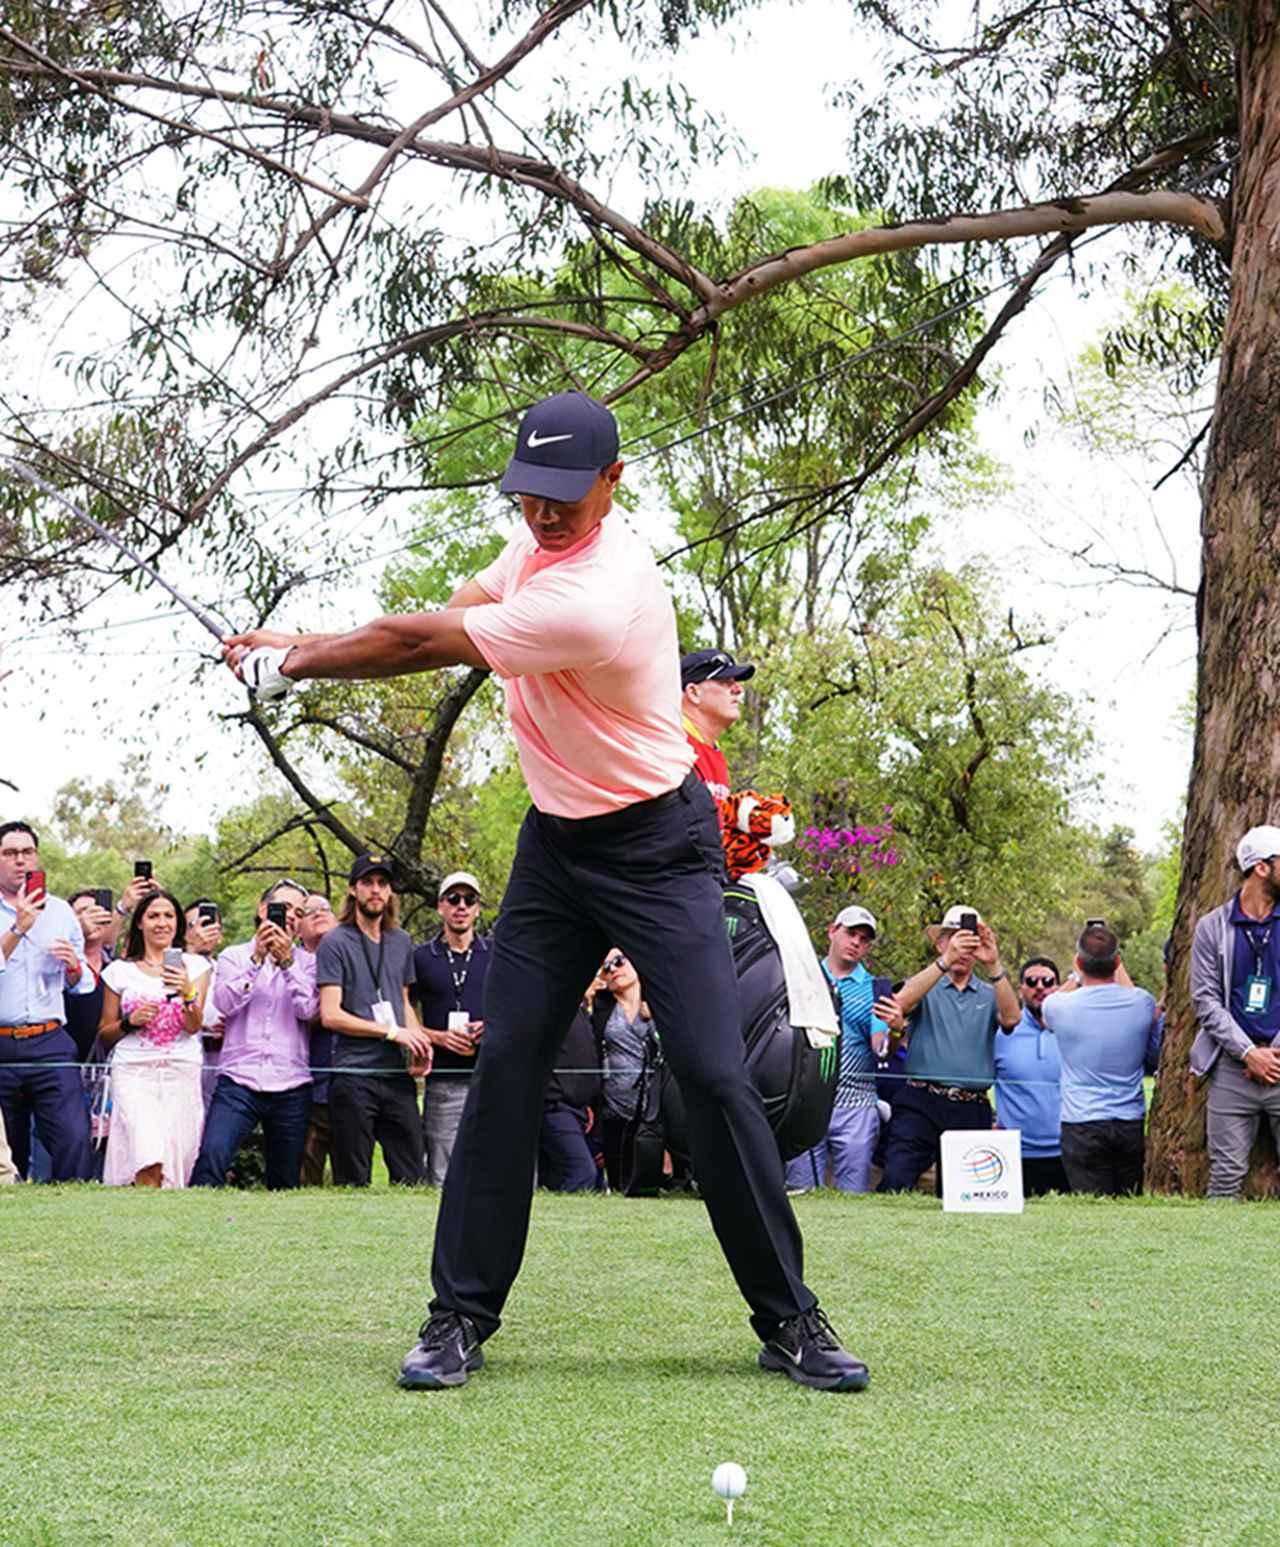 画像19: 【平成スウィング変遷史②】タイガー・ウッズが切り開いたパワーゴルフの時代